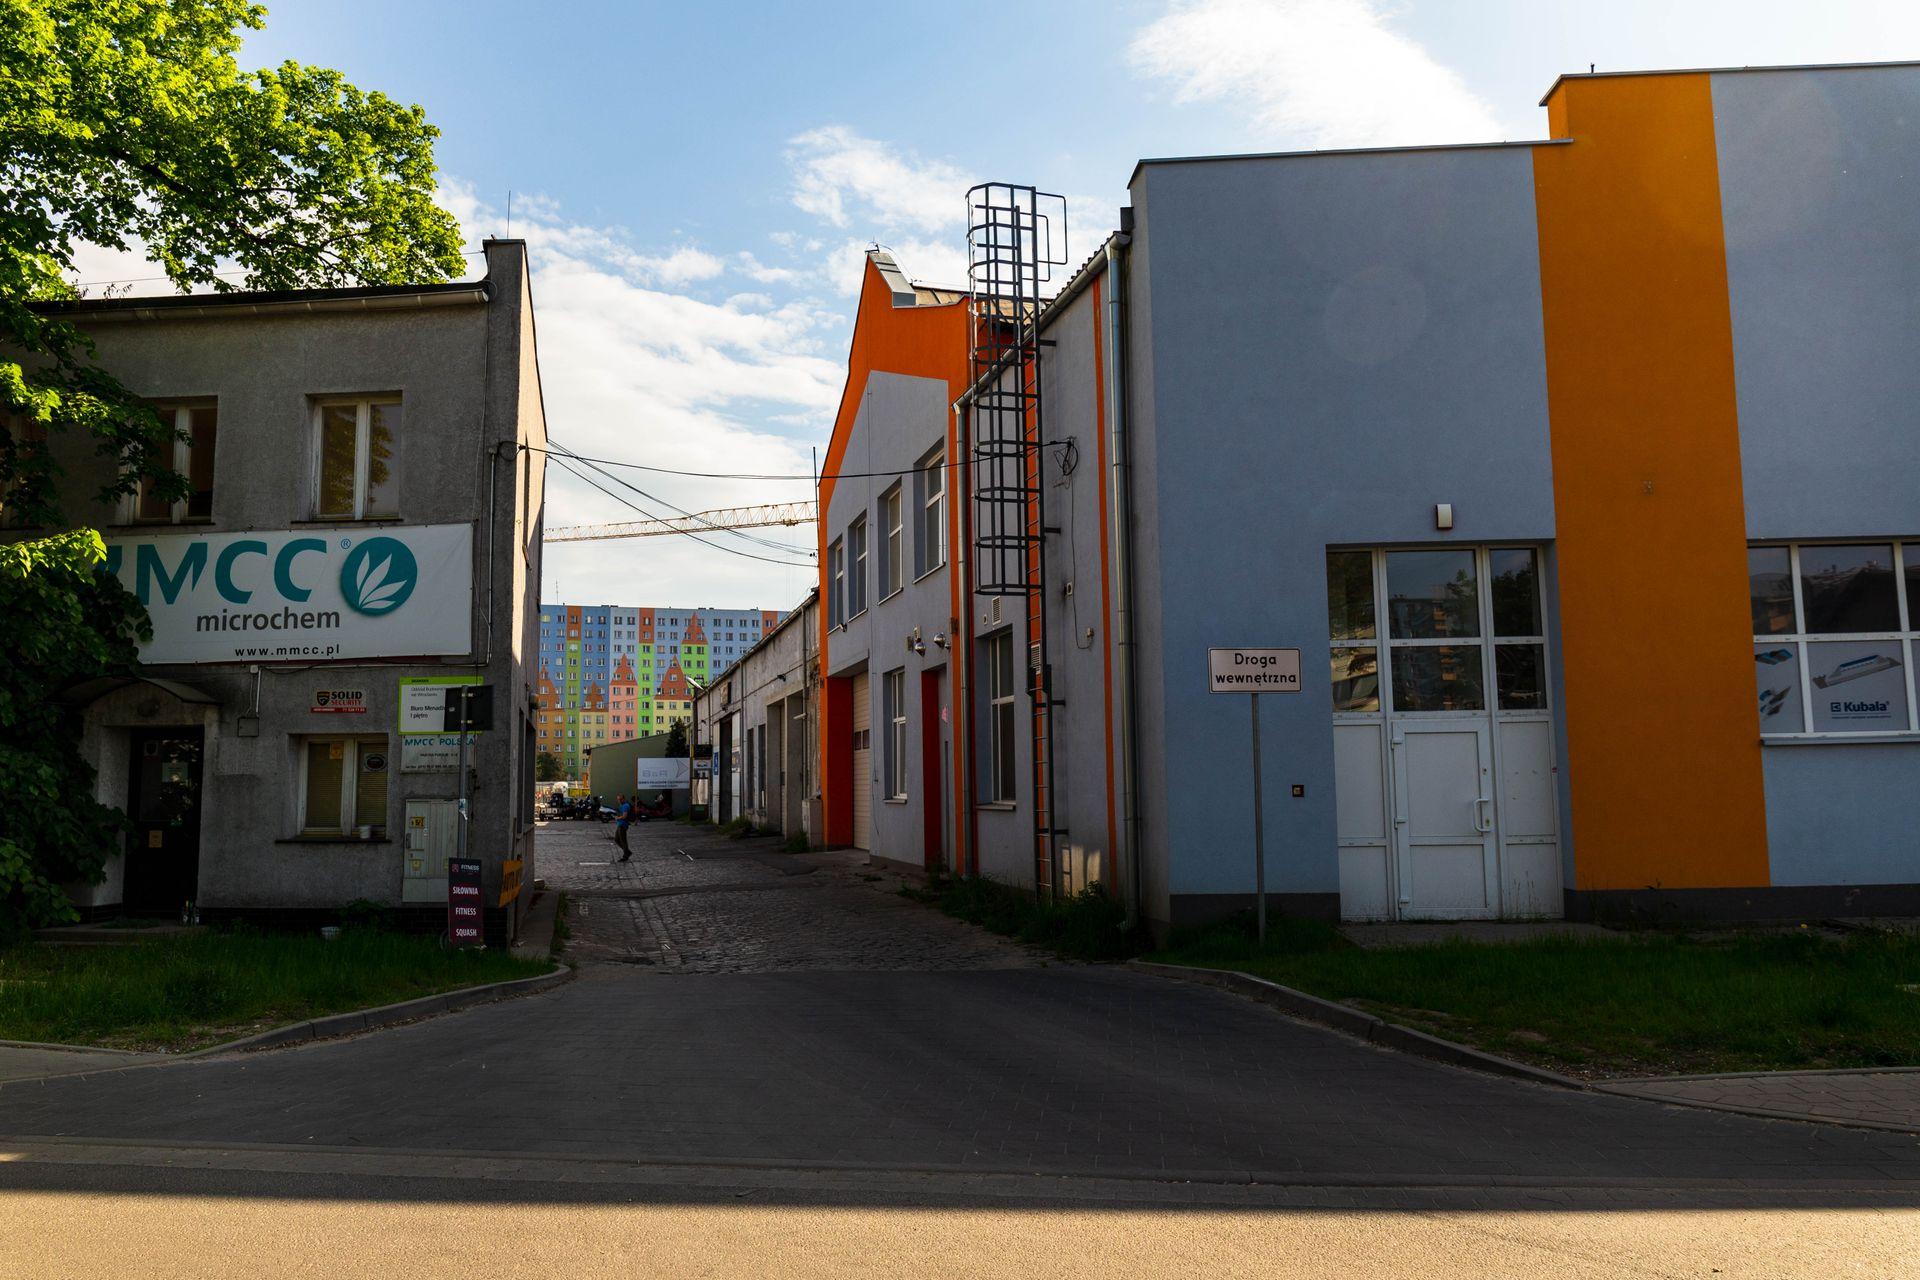 Wrocław: Setki mieszkań na Gaju. Incepti Development chce budować obok Republiki Wnętrz